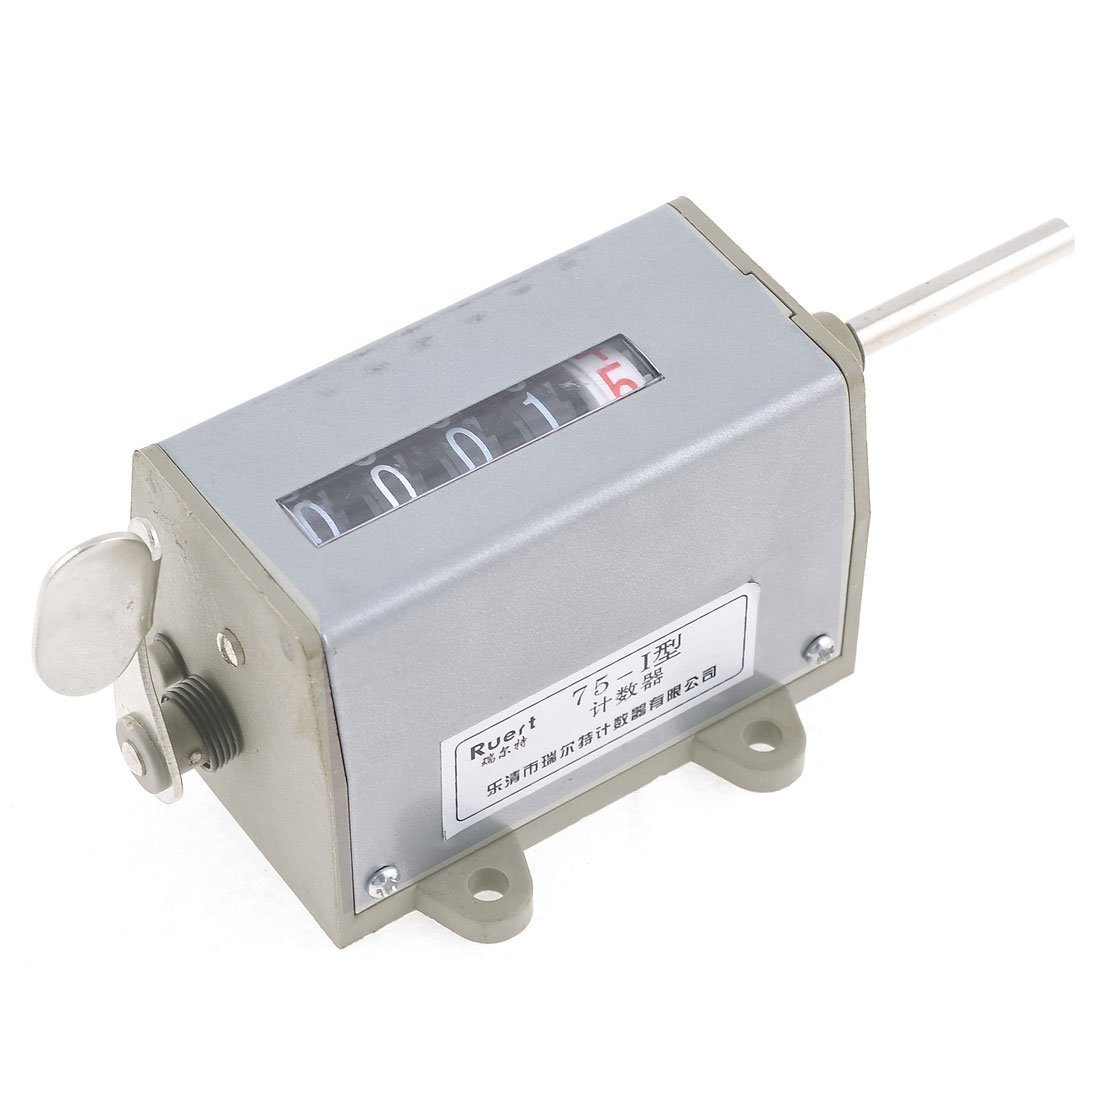 GUWANJI Gray Mechanical 5 Digits Stroke Totalizing Counter 75-I